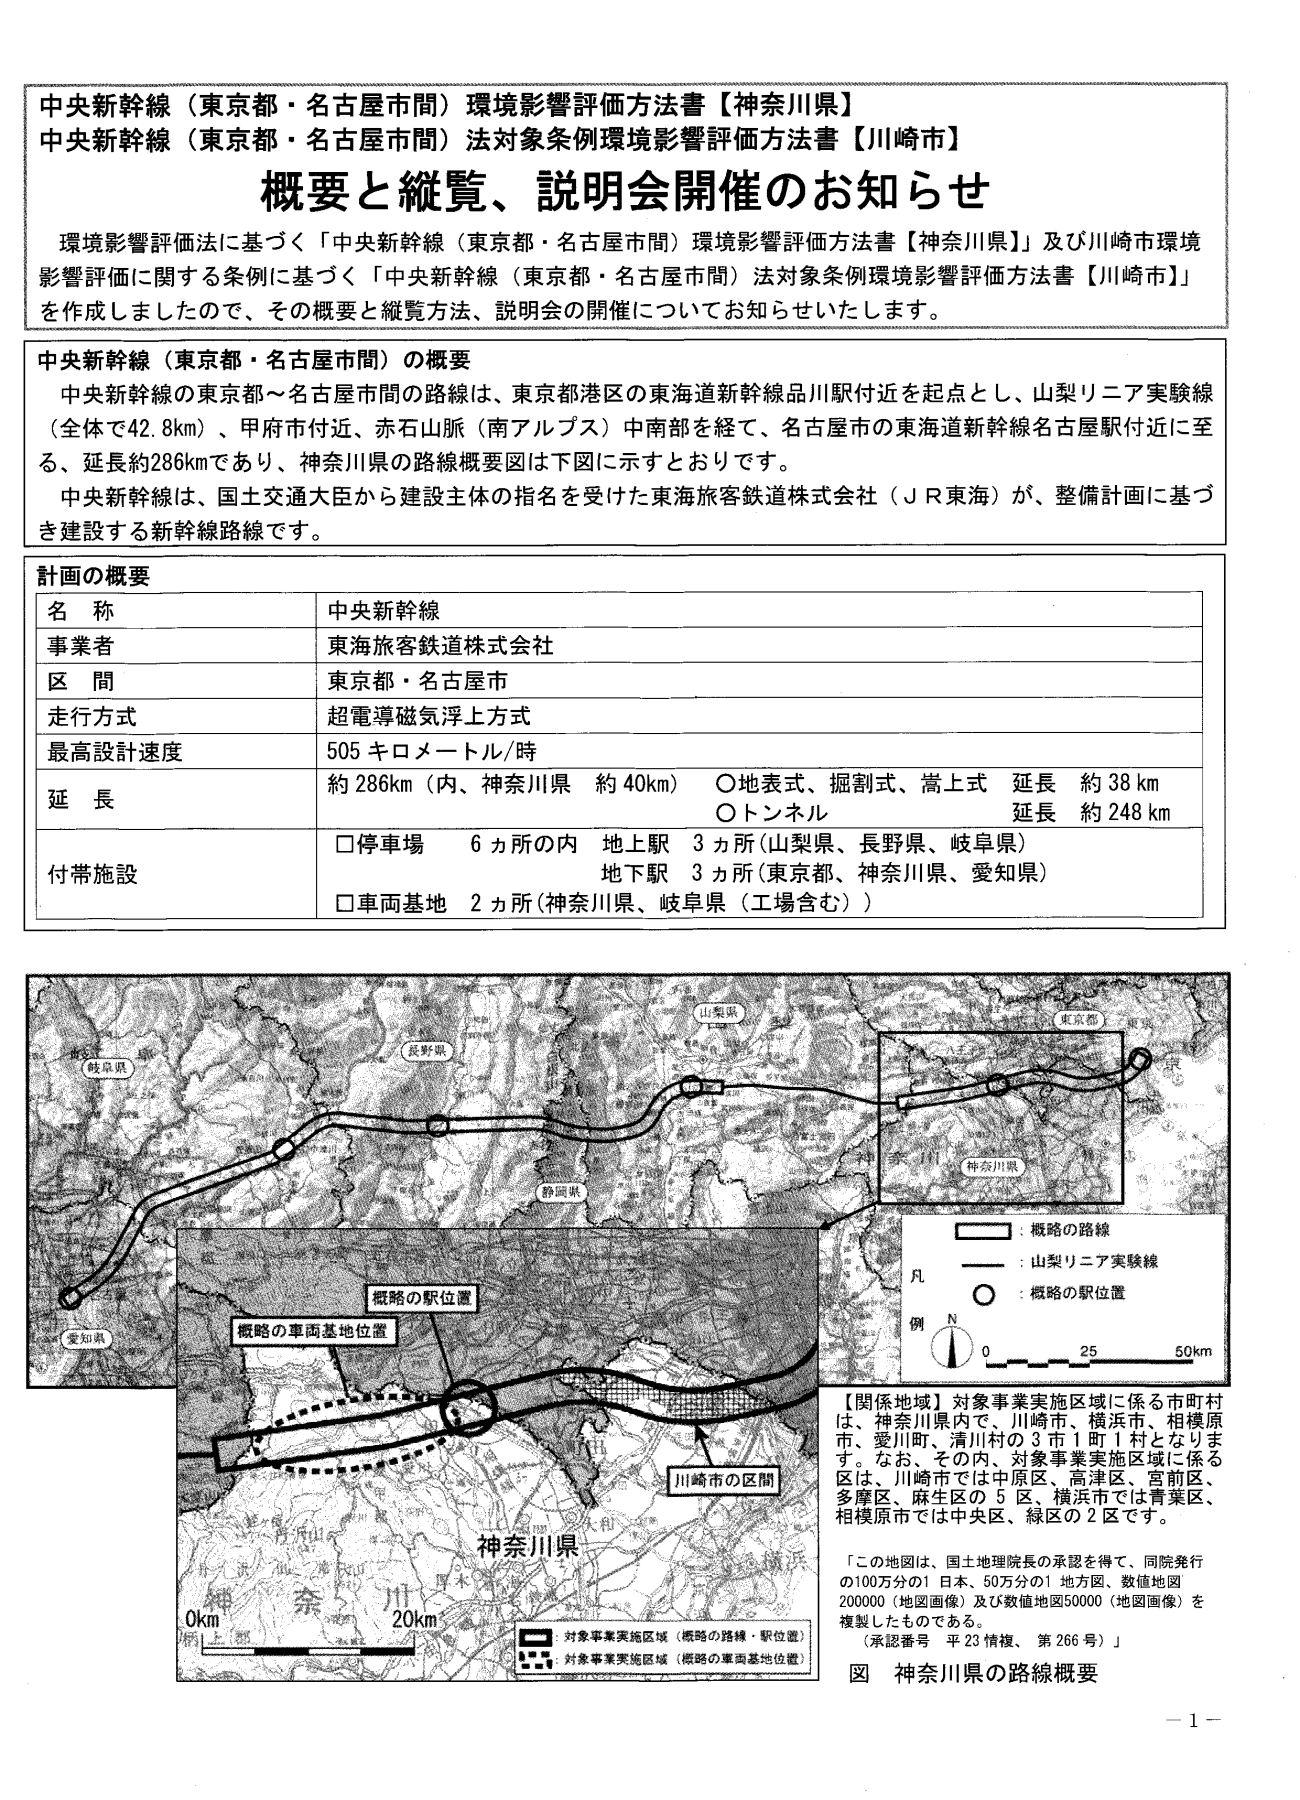 中央新幹線(東京都・名古屋市間)環境影響評価 概要と縦覧、説明会開催のお知らせ(JR東海)